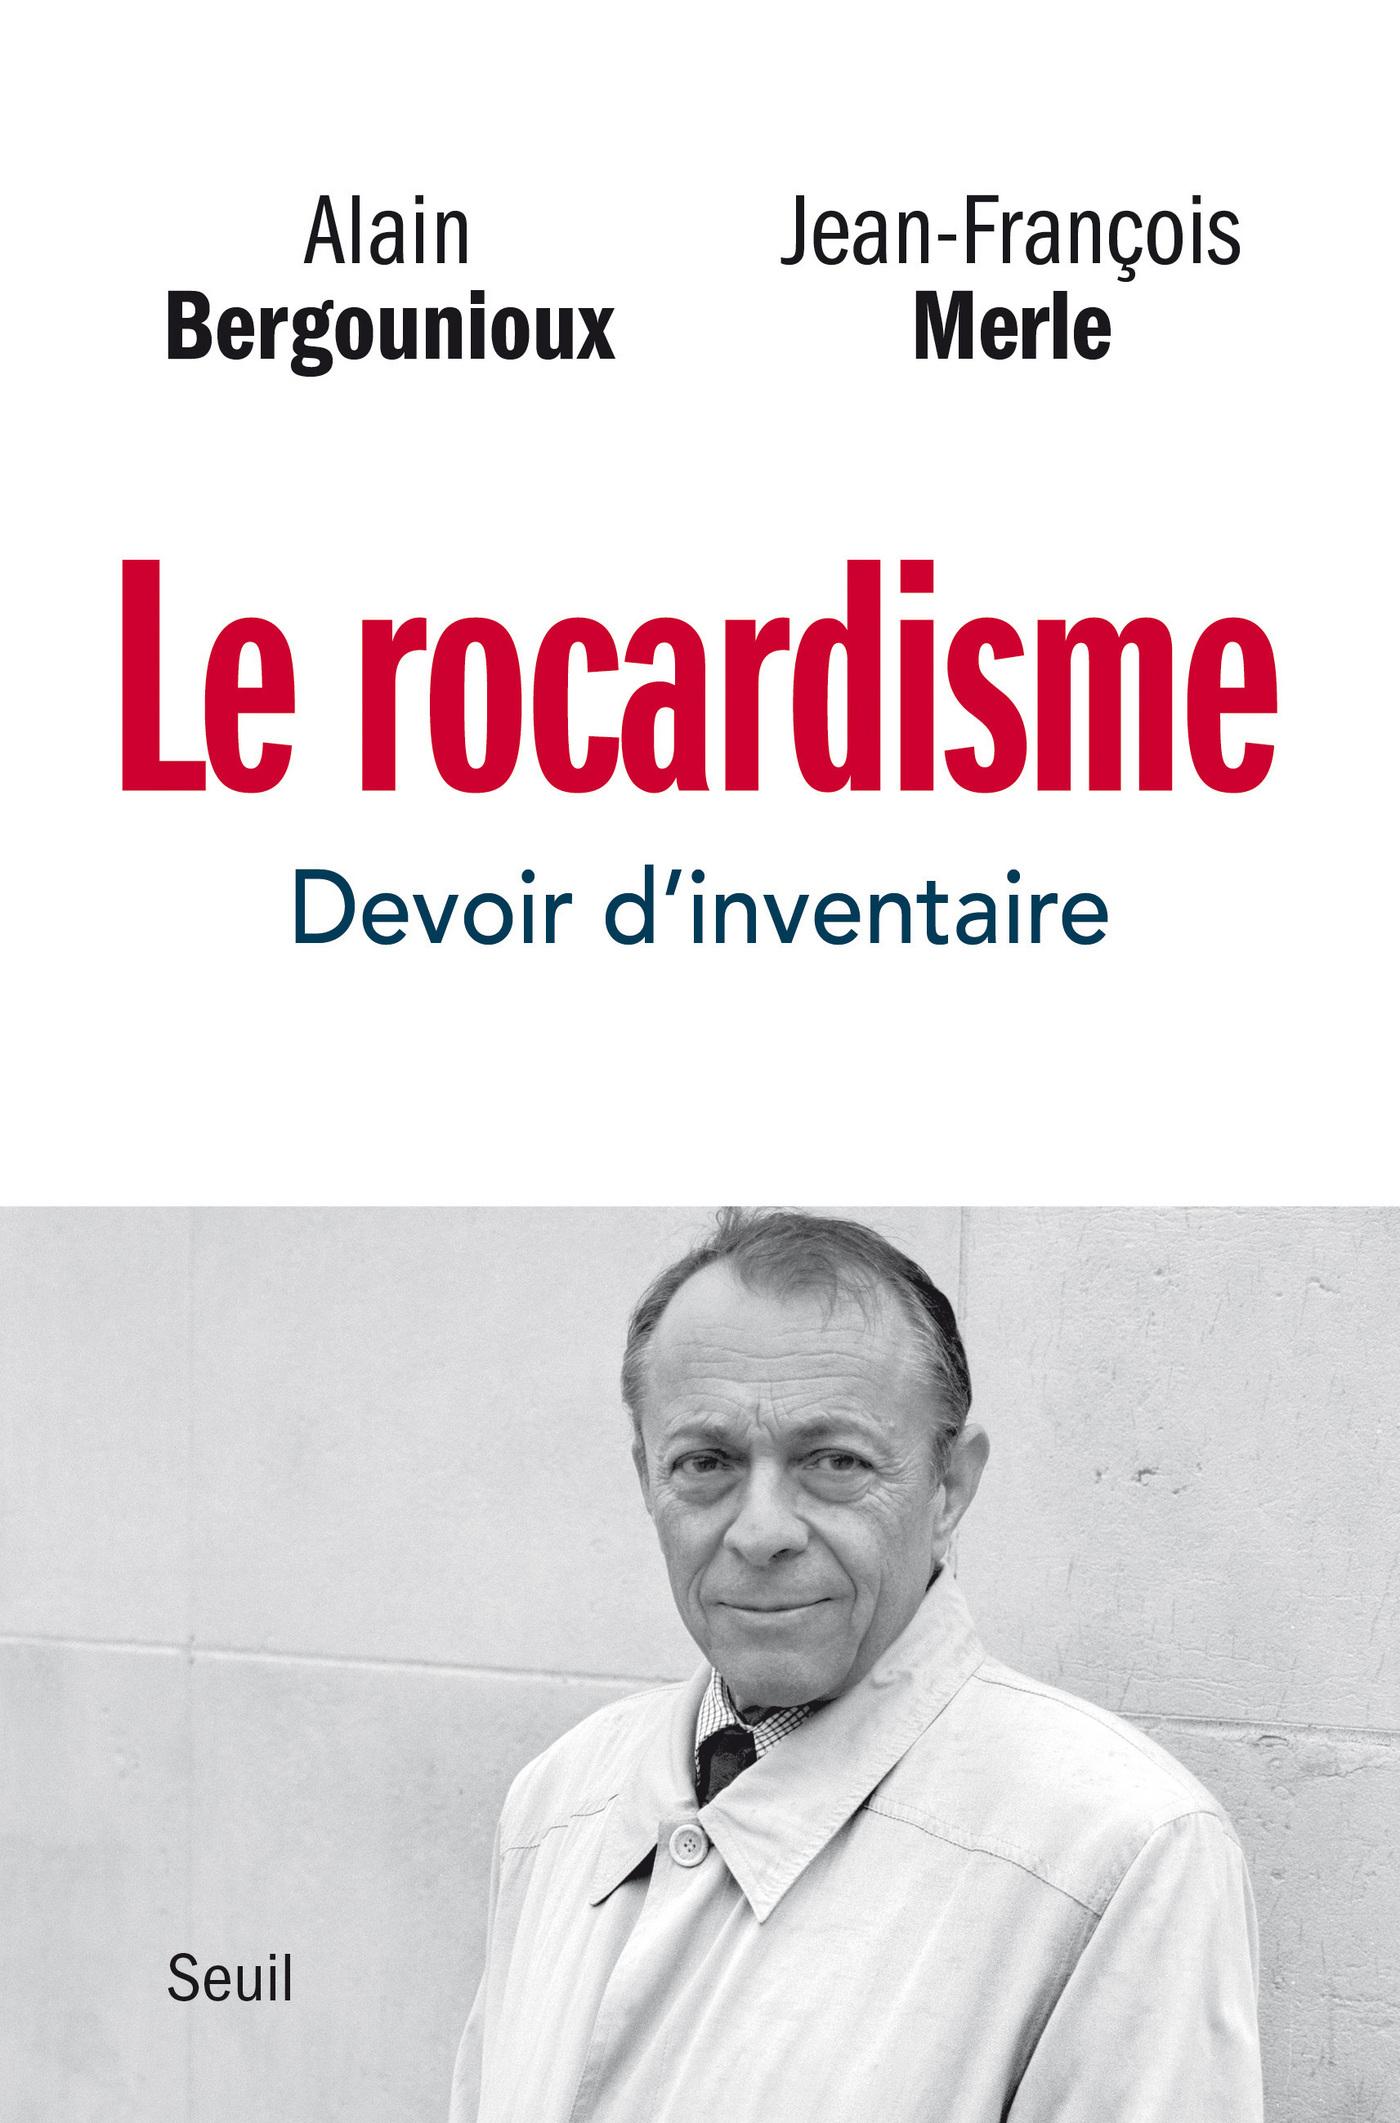 Le Rocardisme - Devoir d'inventaire